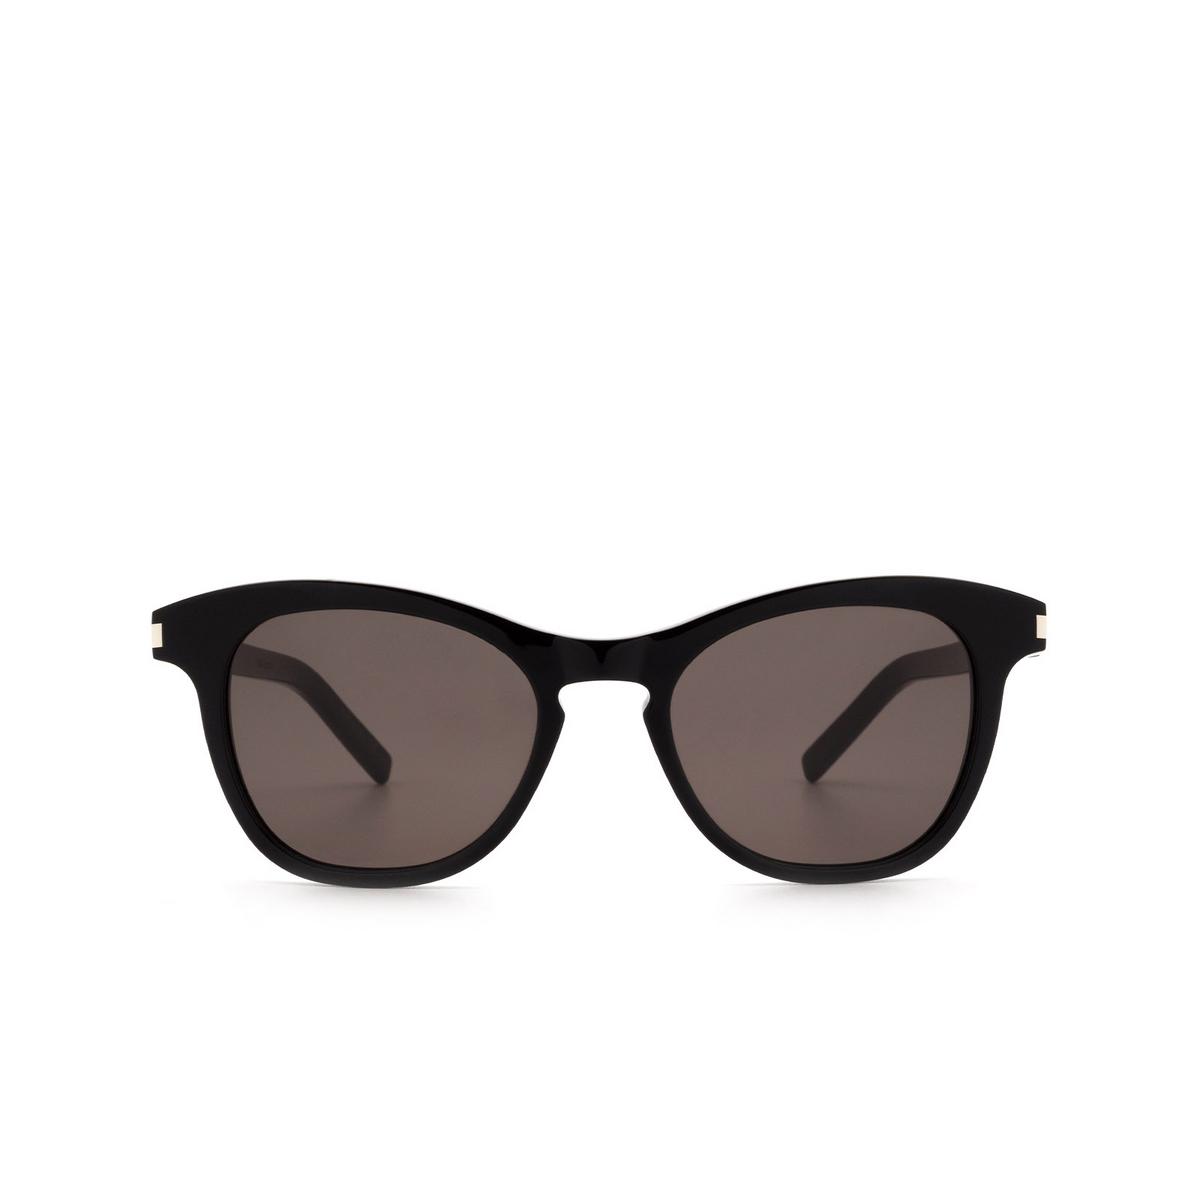 Saint Laurent® Butterfly Sunglasses: SL 356 color Black 001 - front view.